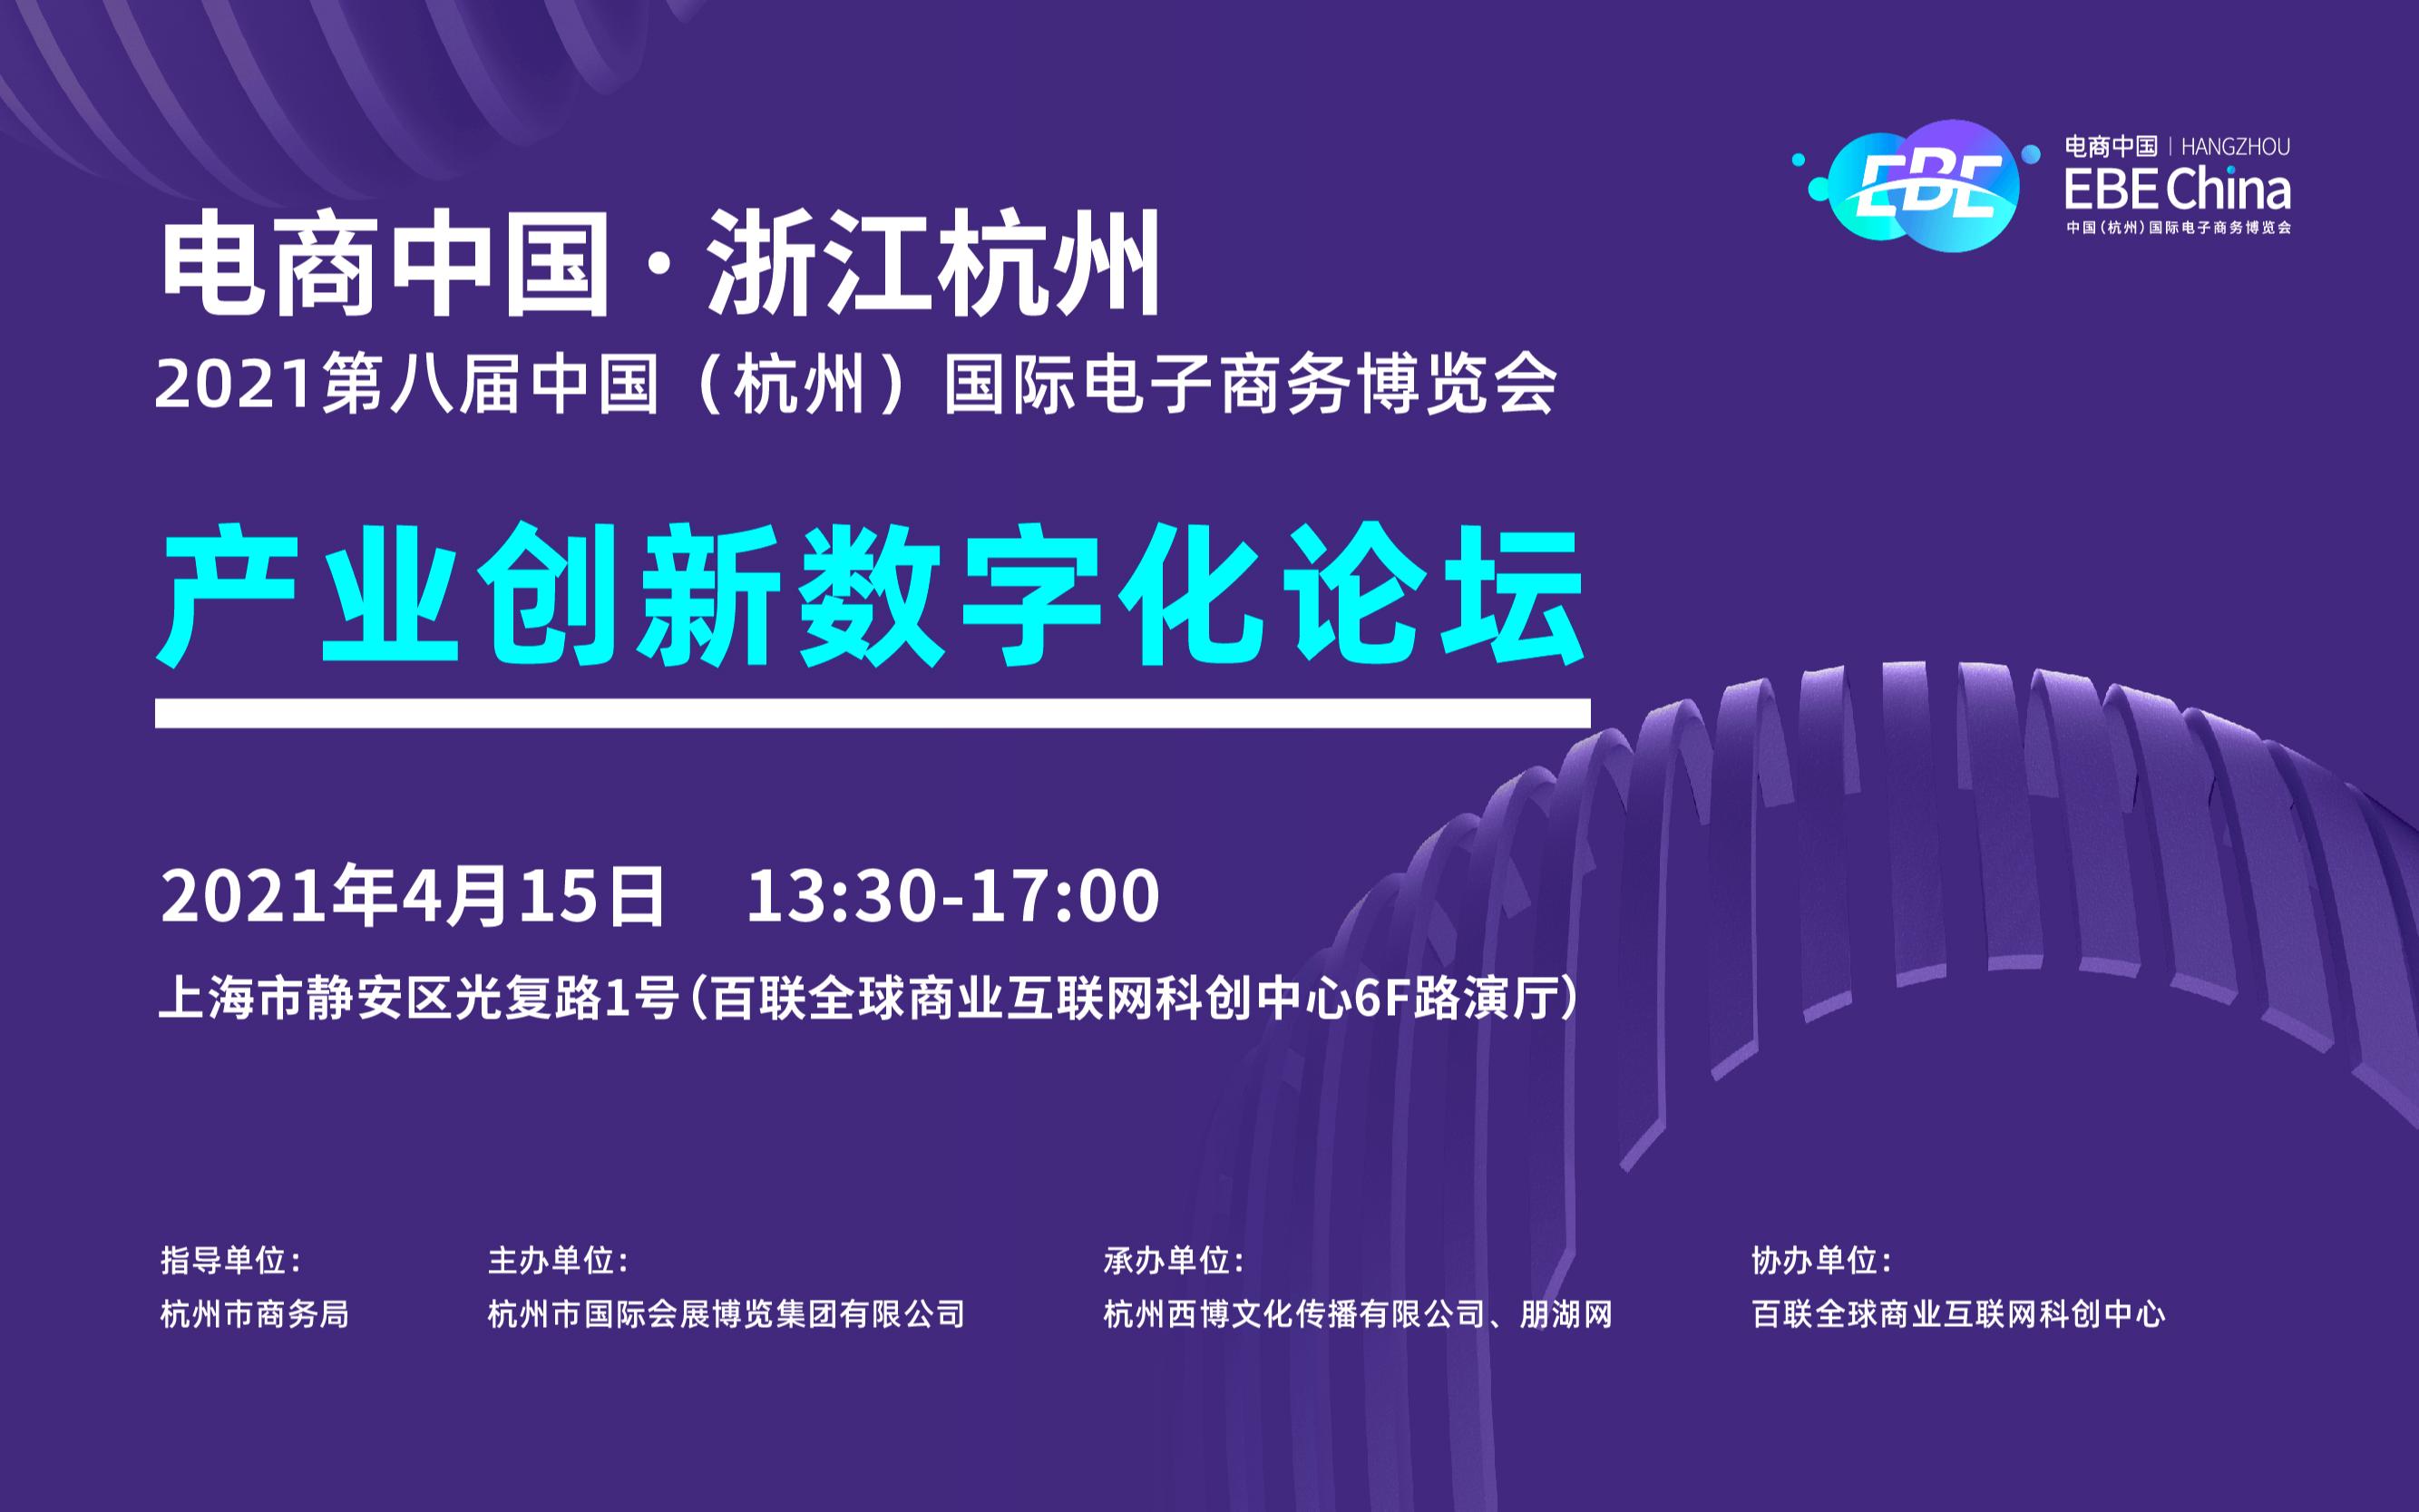 2021第八届中国(杭州)国际电子商务博览会 产业创新数字化论坛